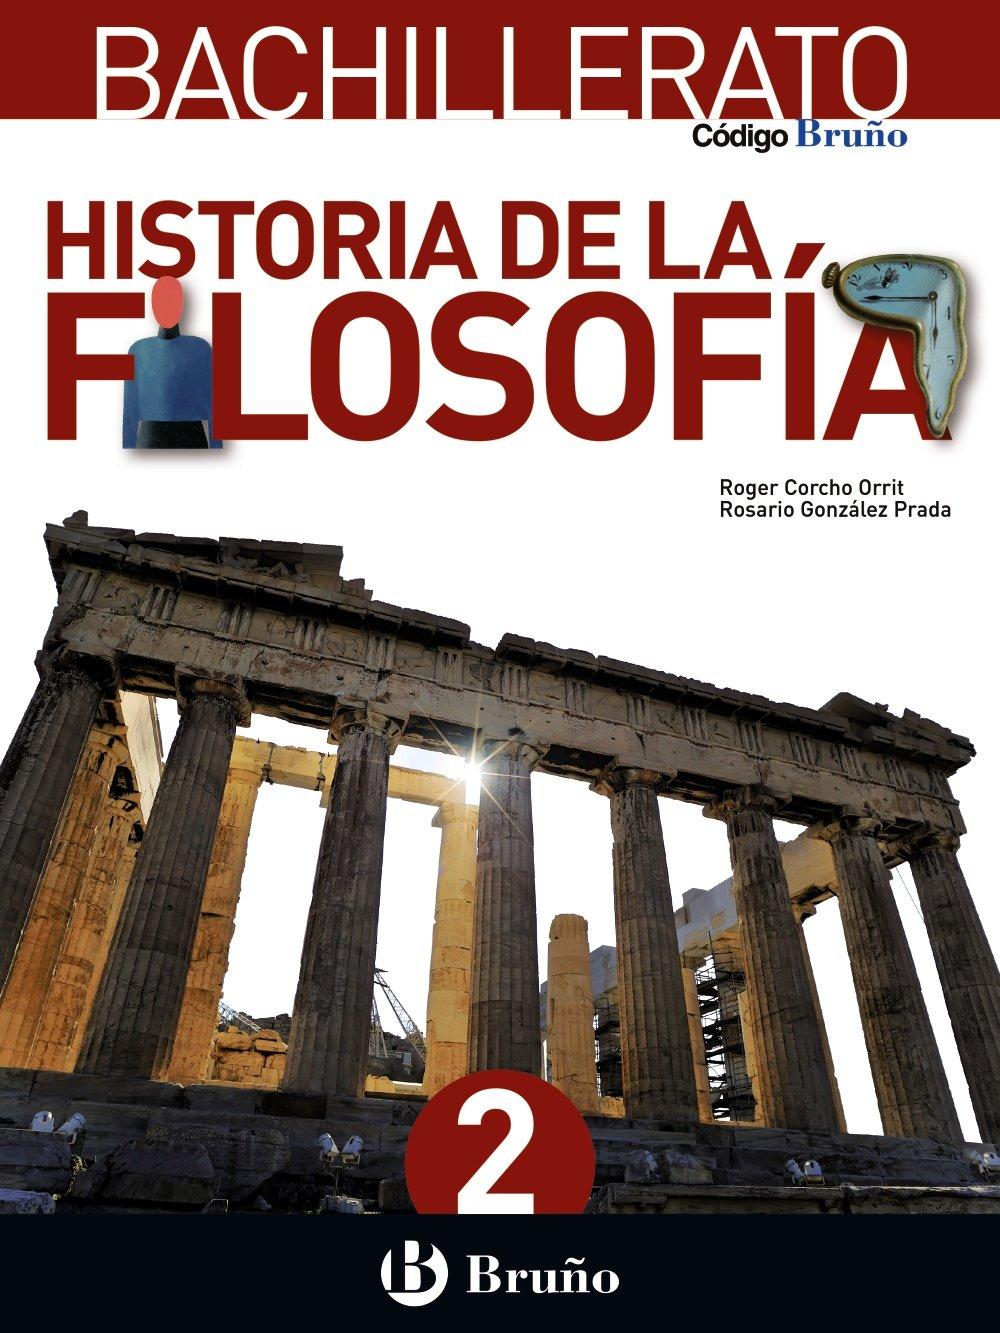 Solucionario Historia de la Filosofia 2 Bachillerato Bruño